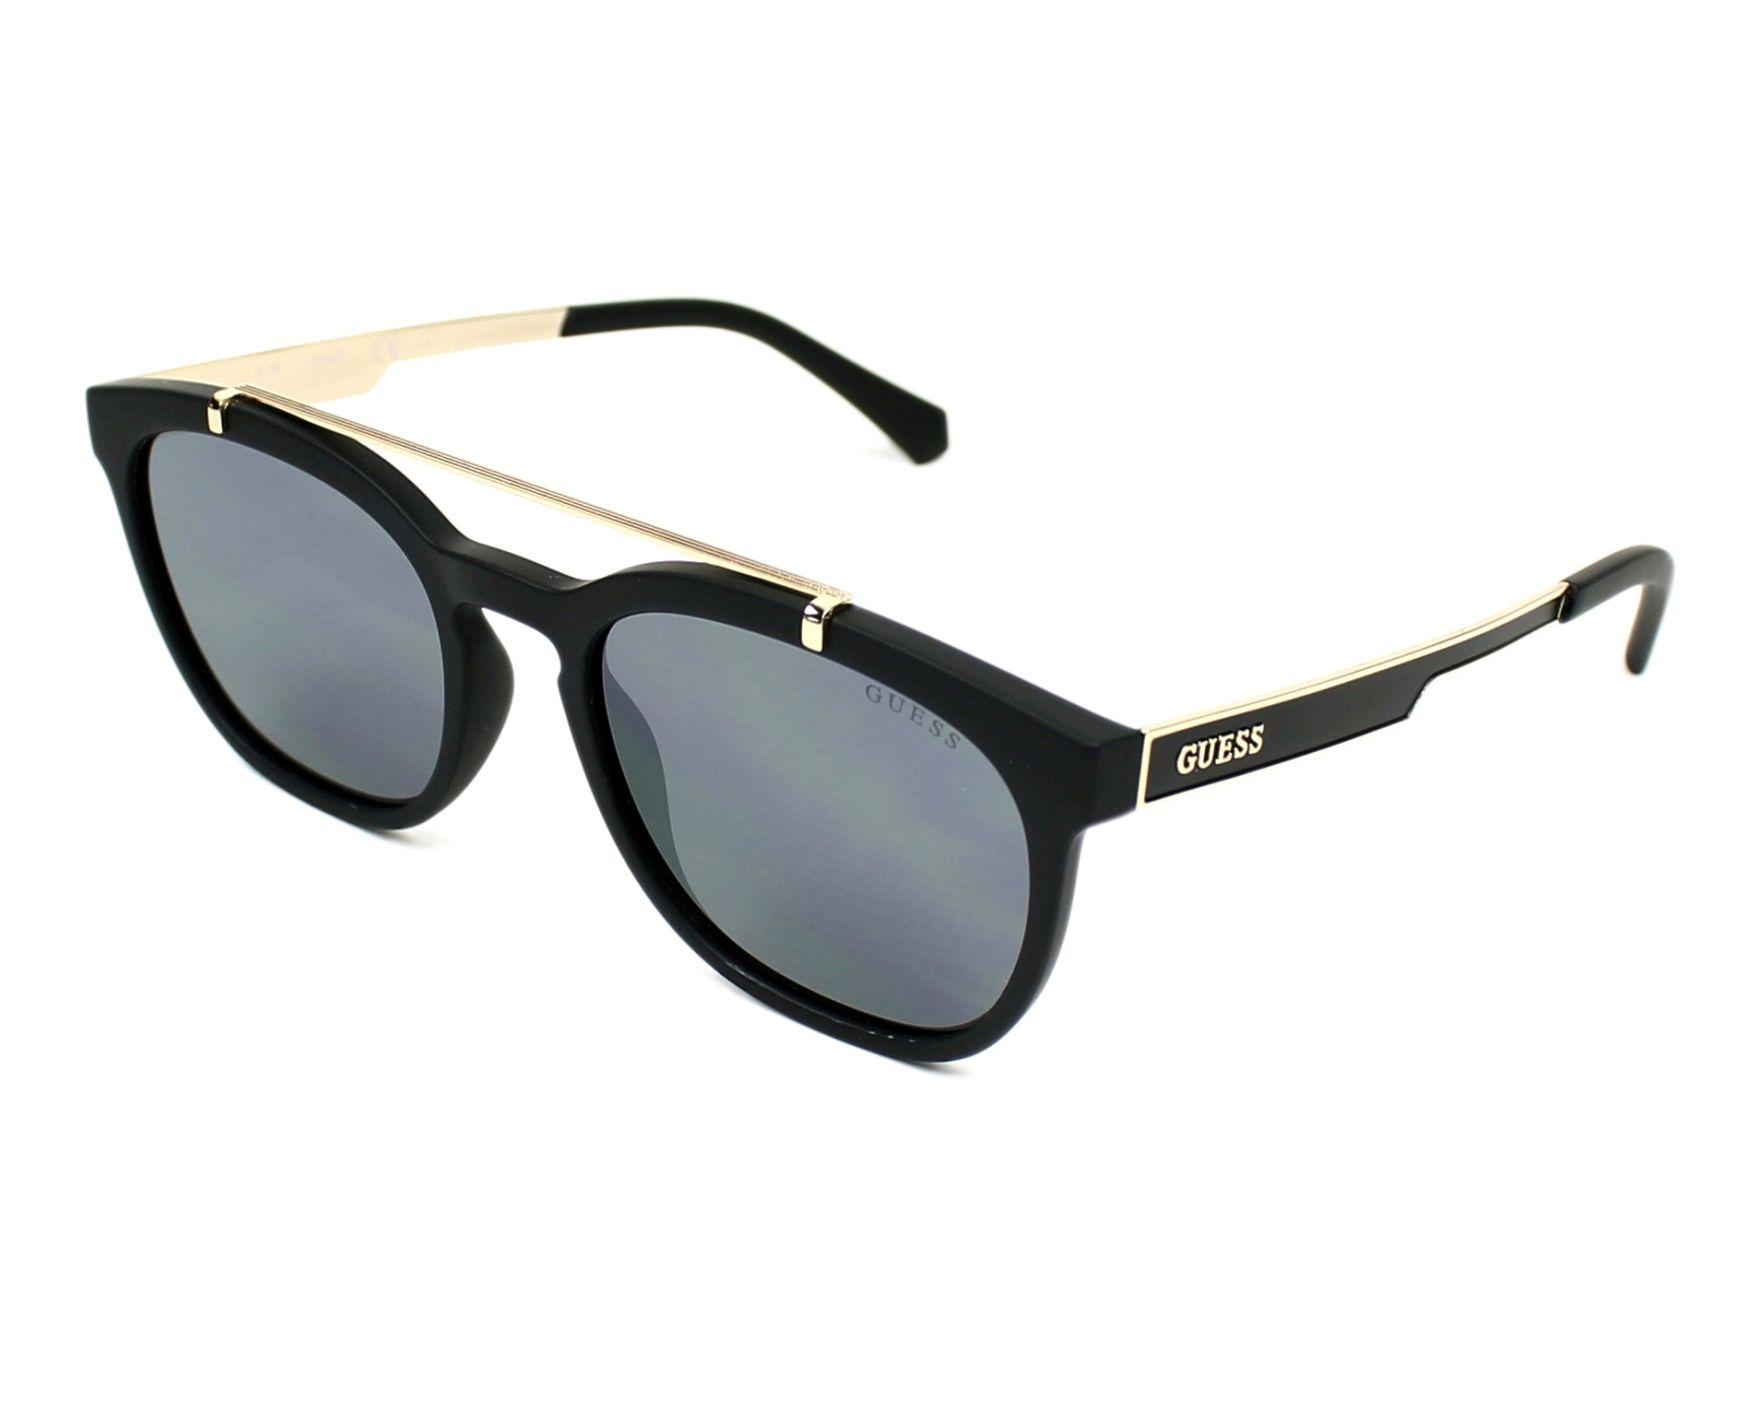 lunettes soleil guess pour femme,lunettes de soleil noires